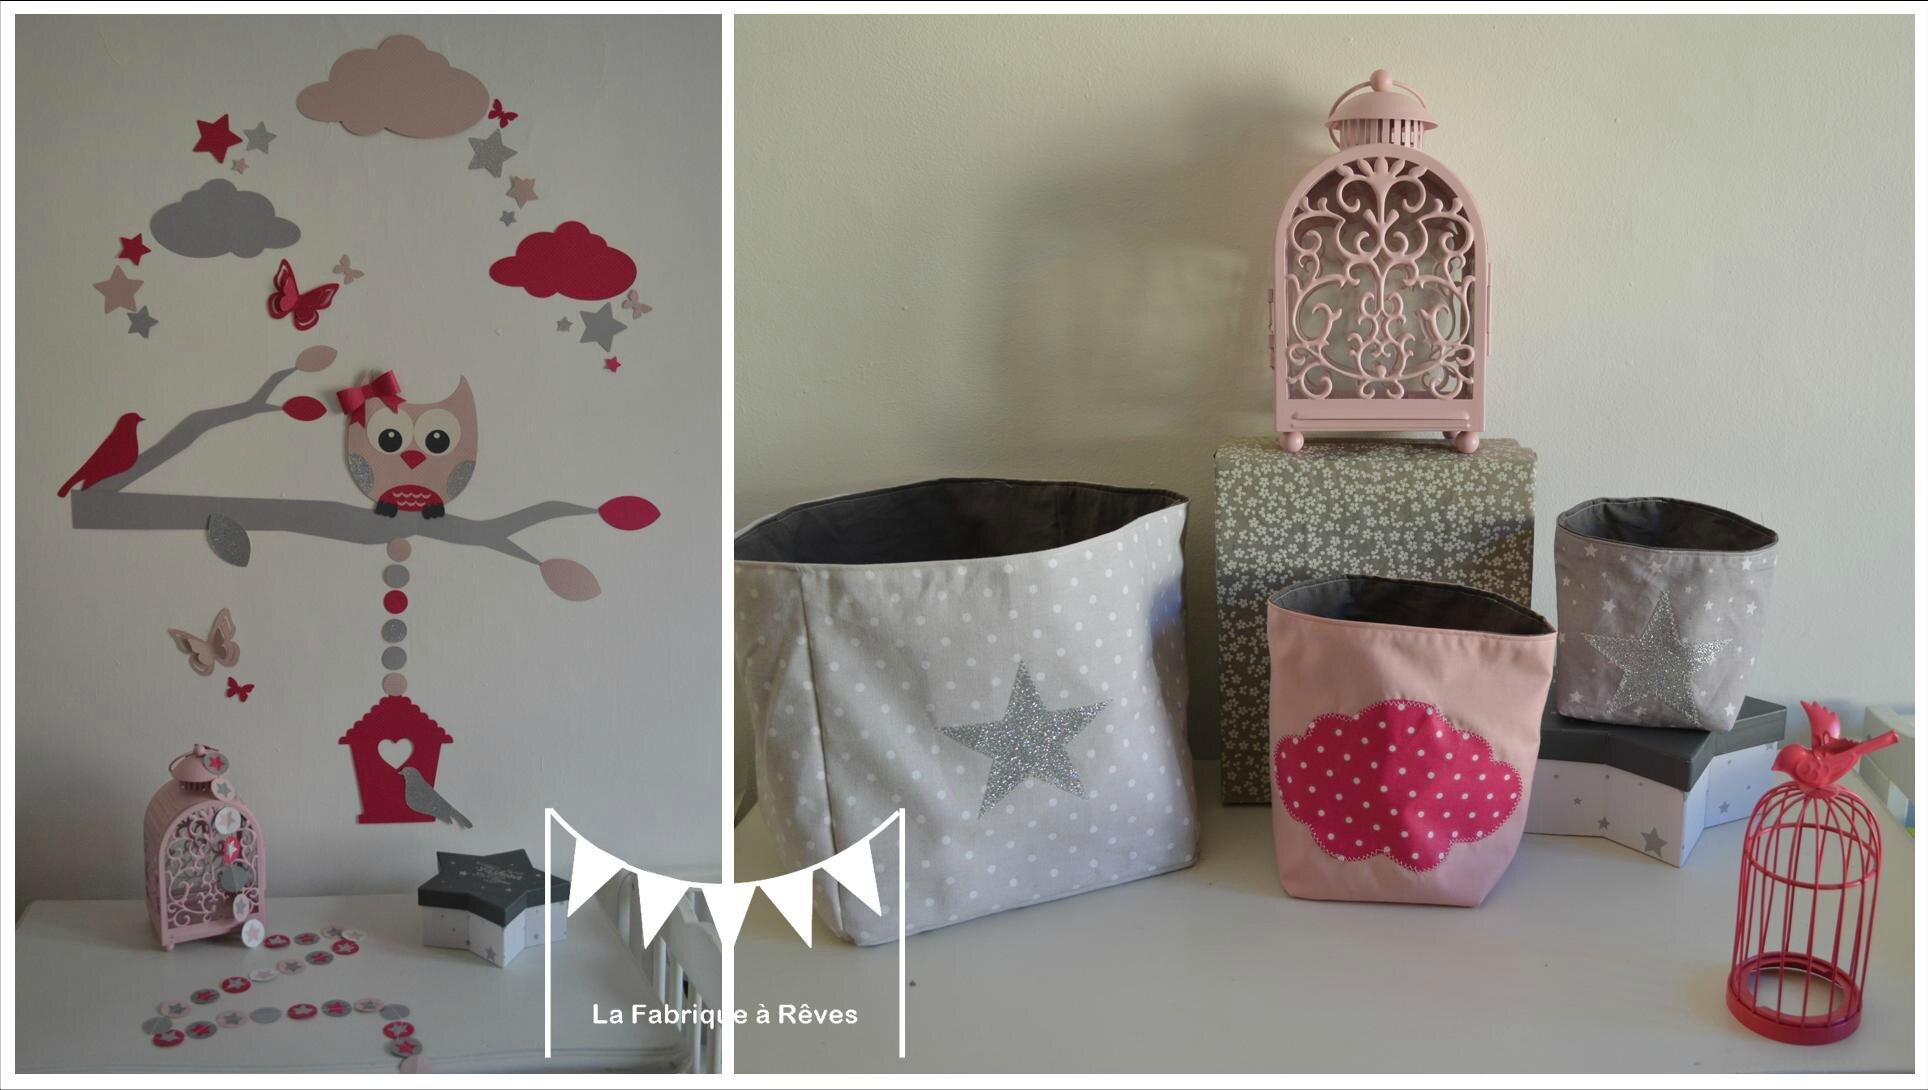 decoration chambre enfant fille nuage hibou chouette etoiles papillon nichoir rose gris fuchsia argent